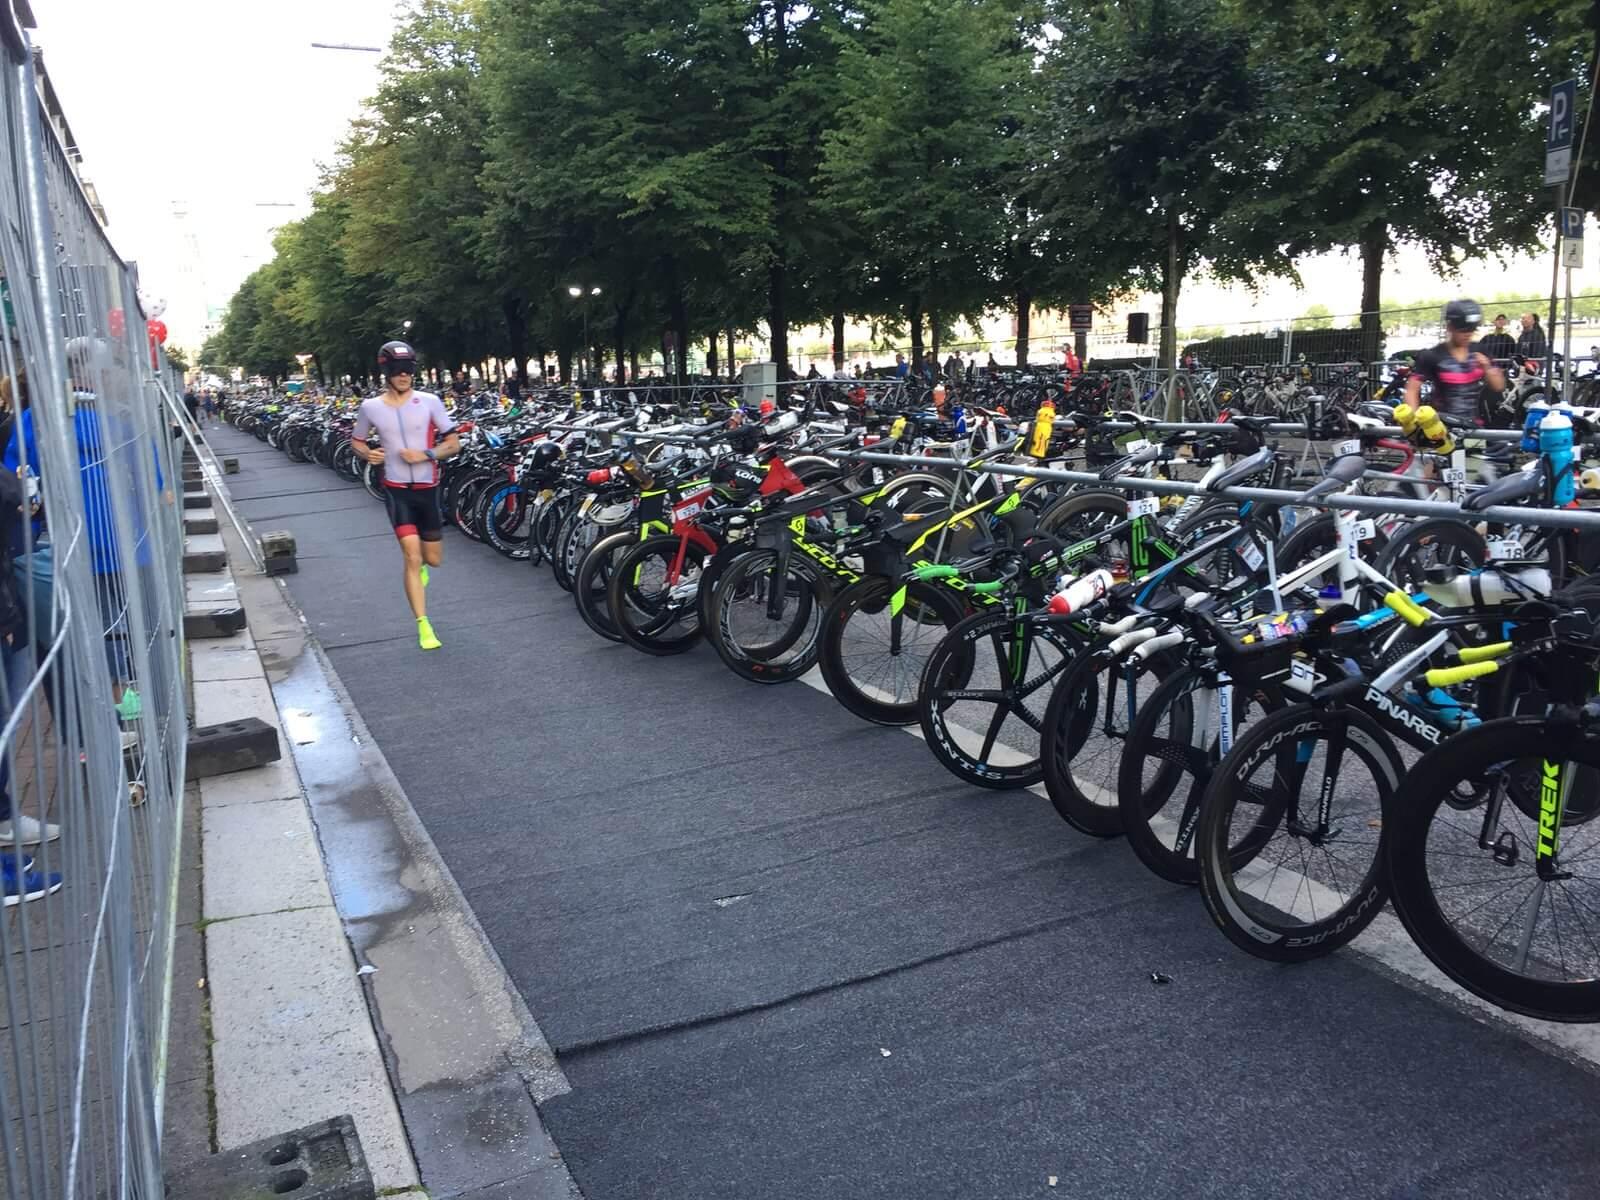 Wechselzone Ironman Hamburg 2017